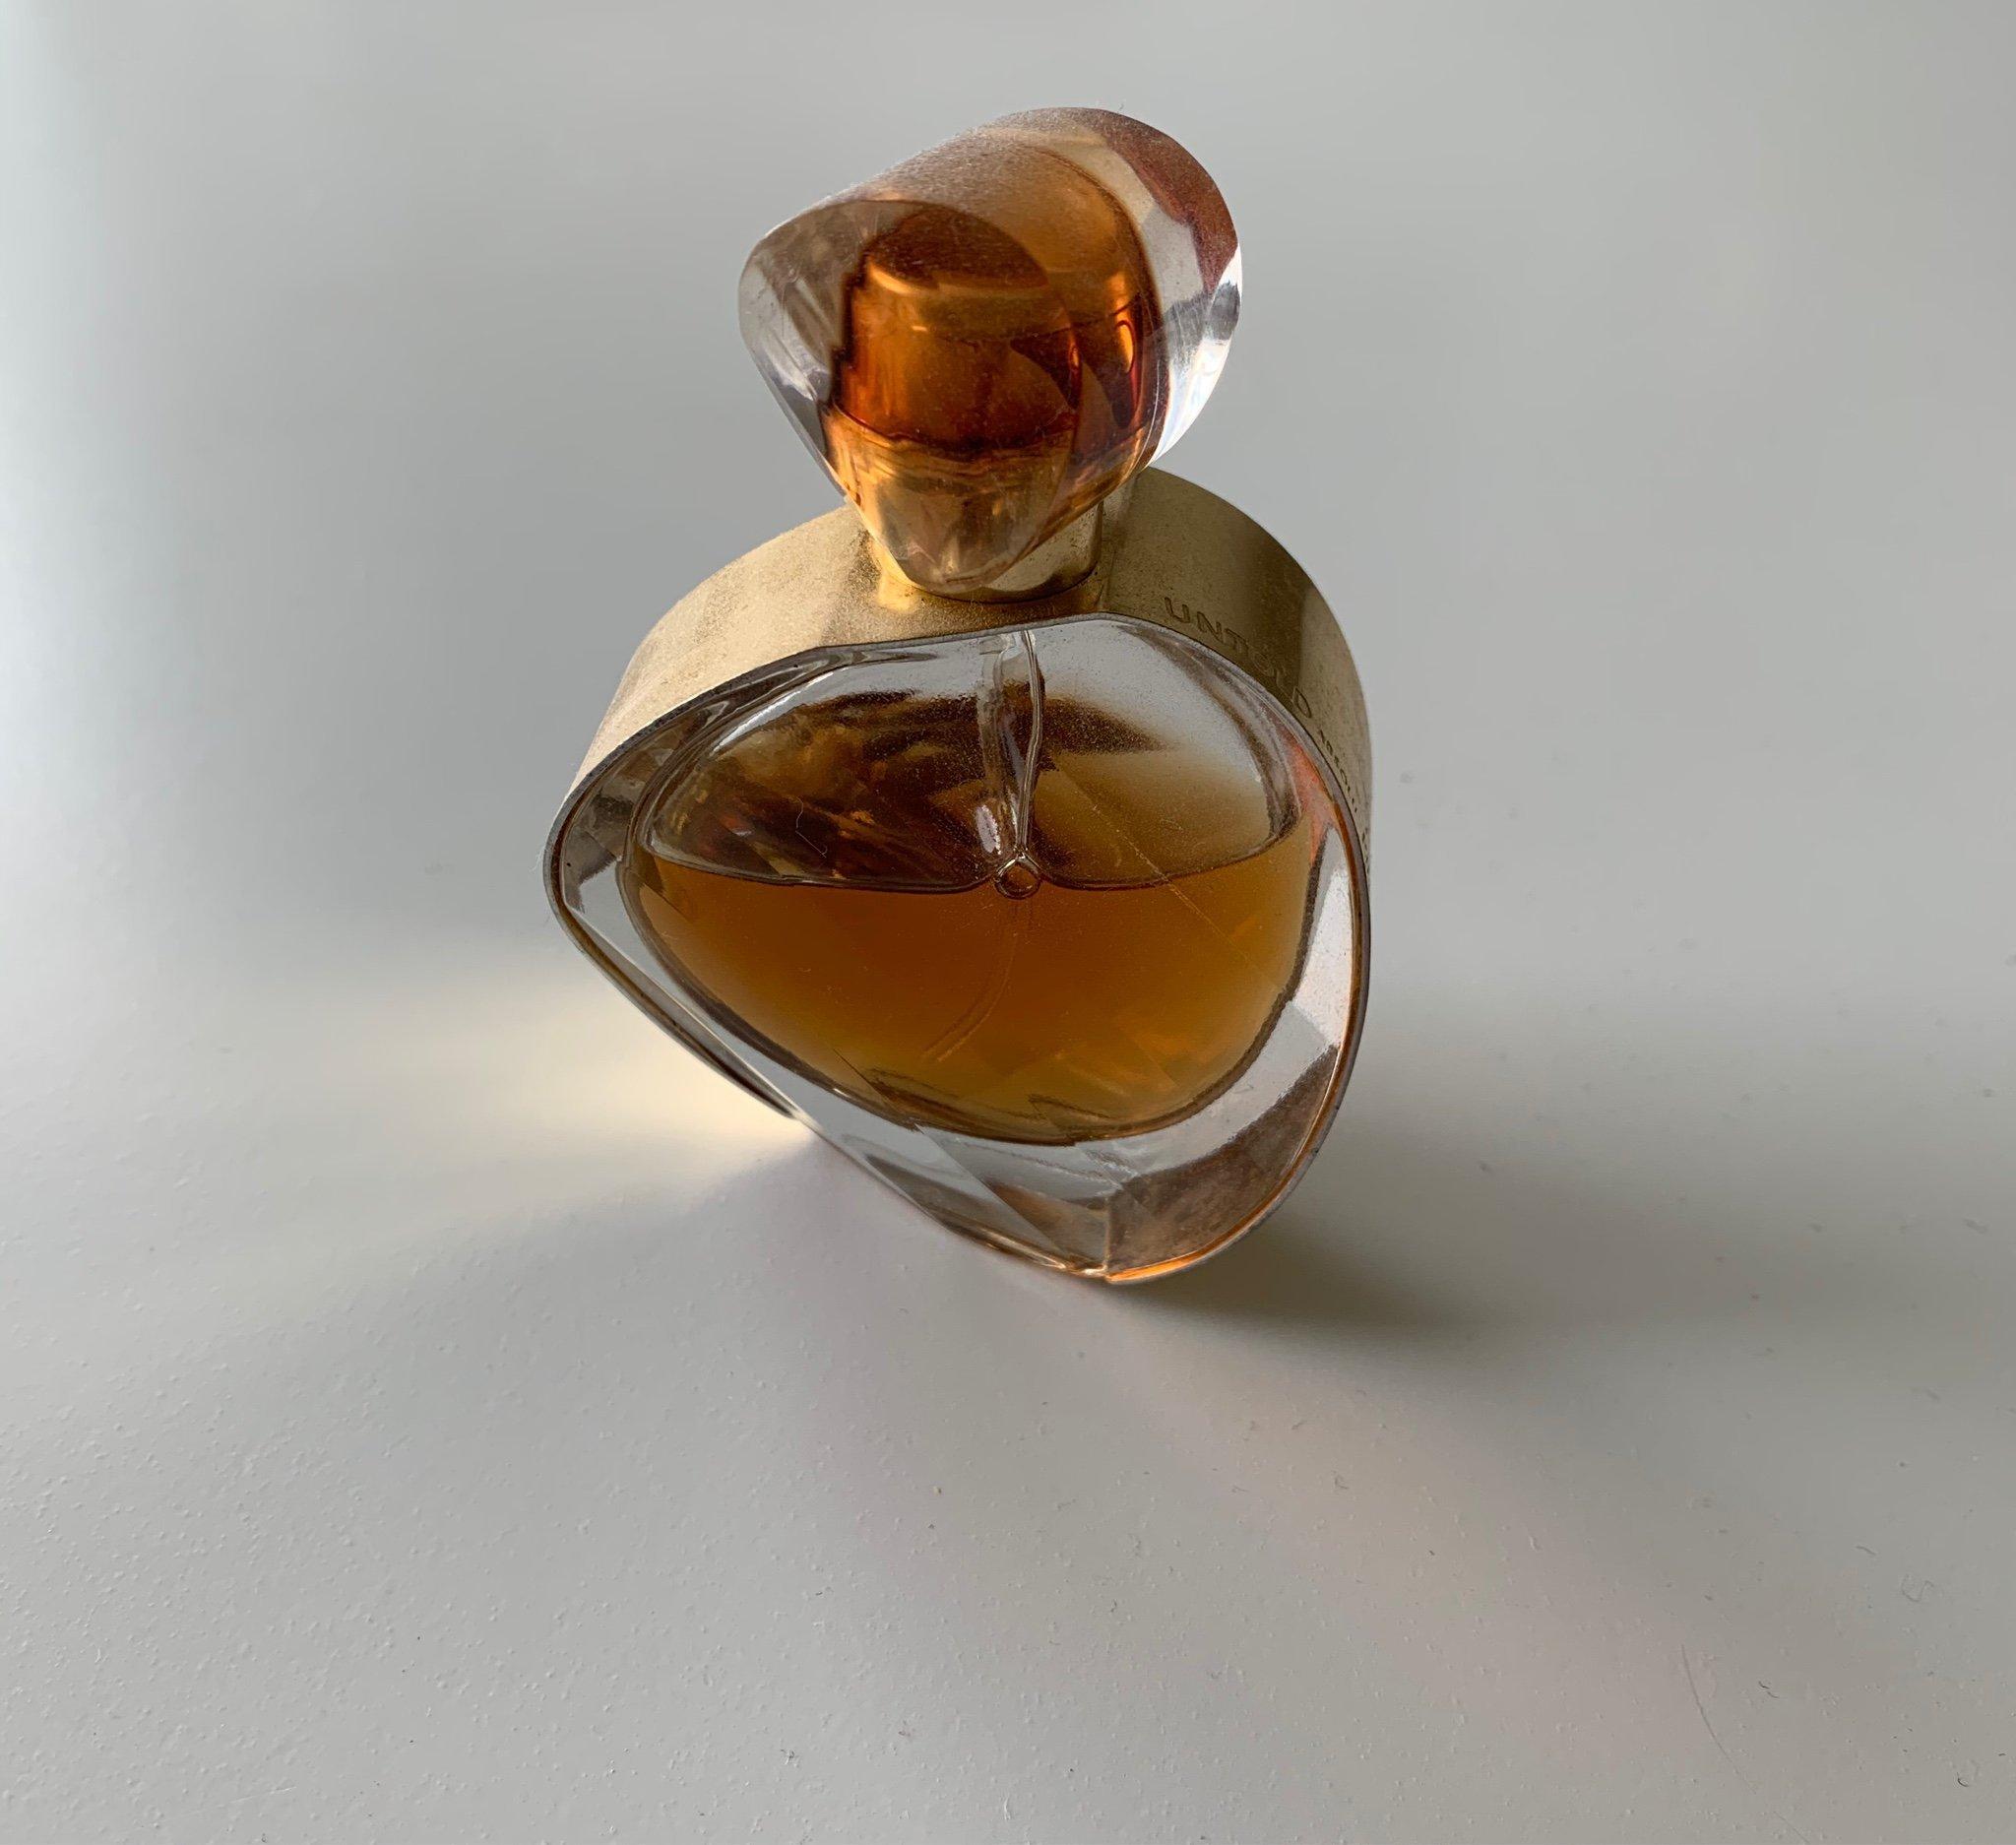 Parfym Elisabeth Arden Untold (398174399) ᐈ Köp på Tradera